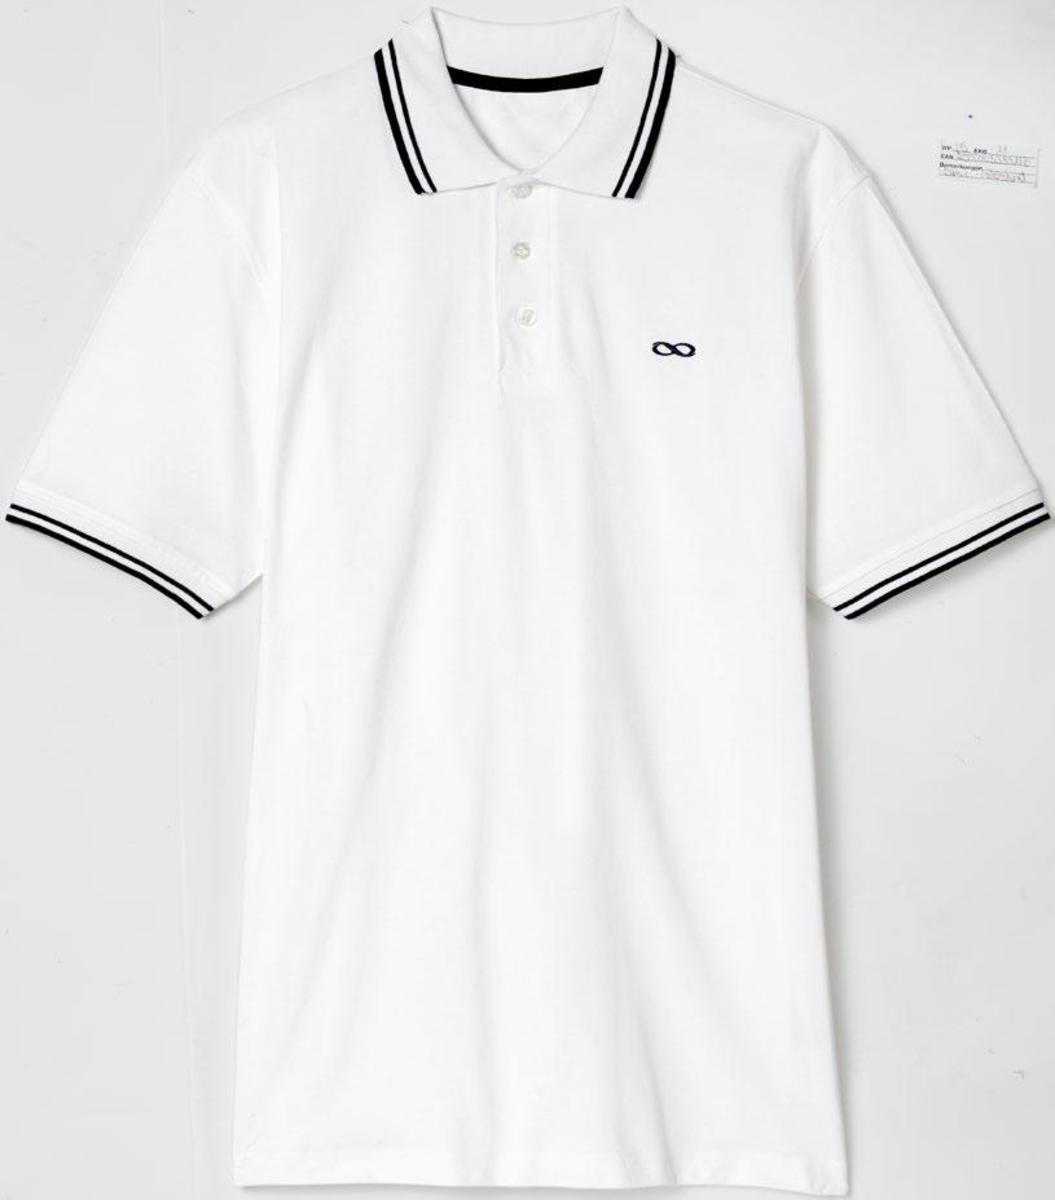 Bild 1 von Poloshirt